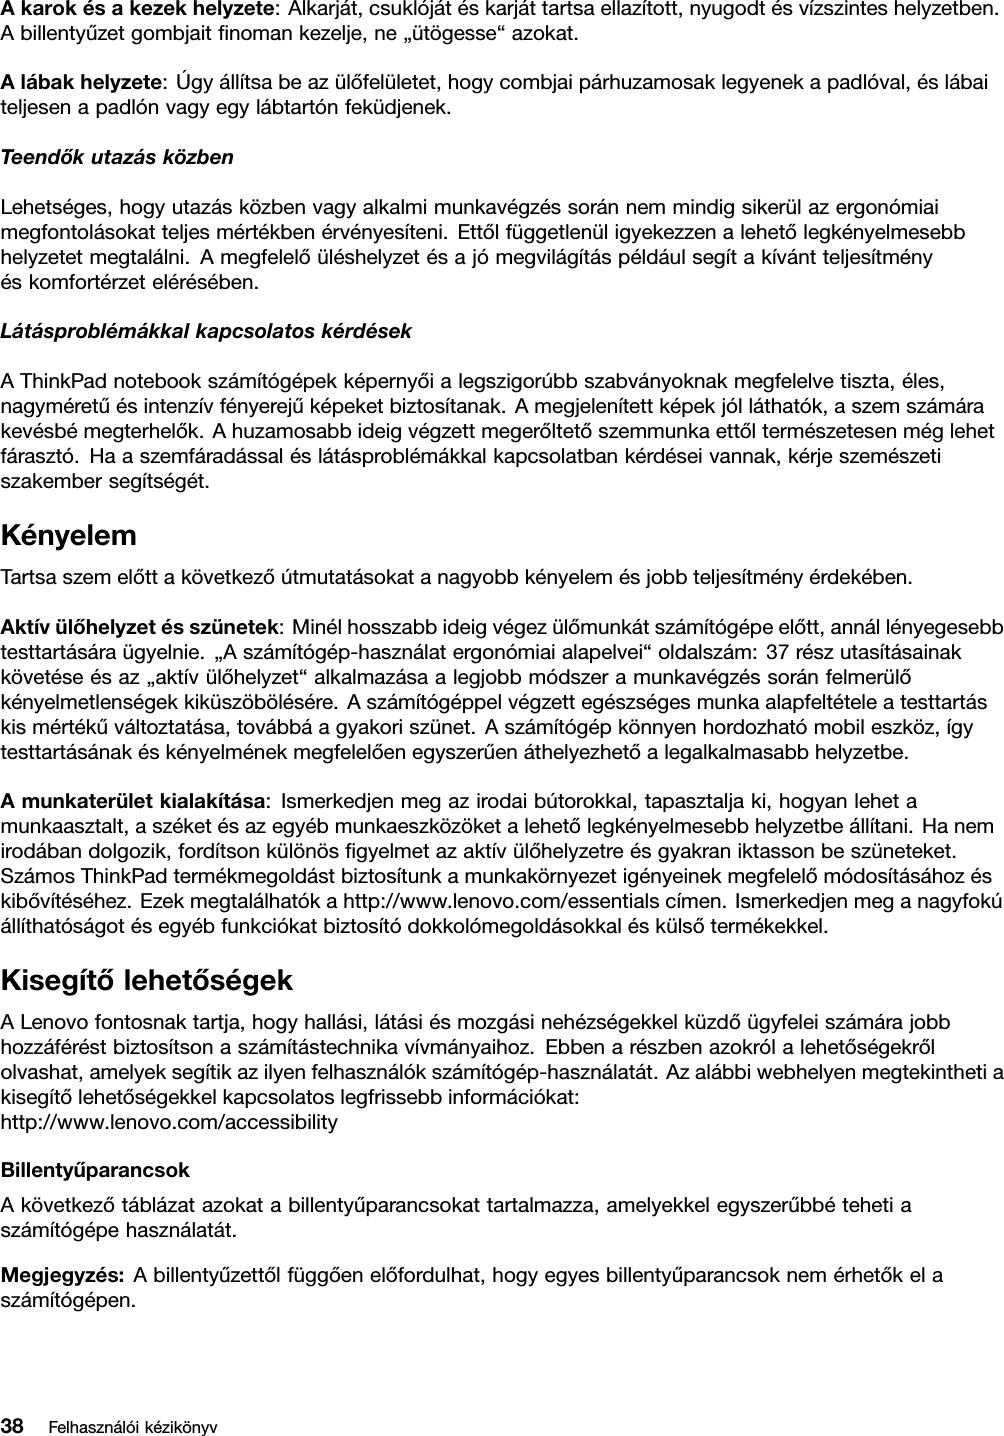 látás-helyreállítási kézikönyv